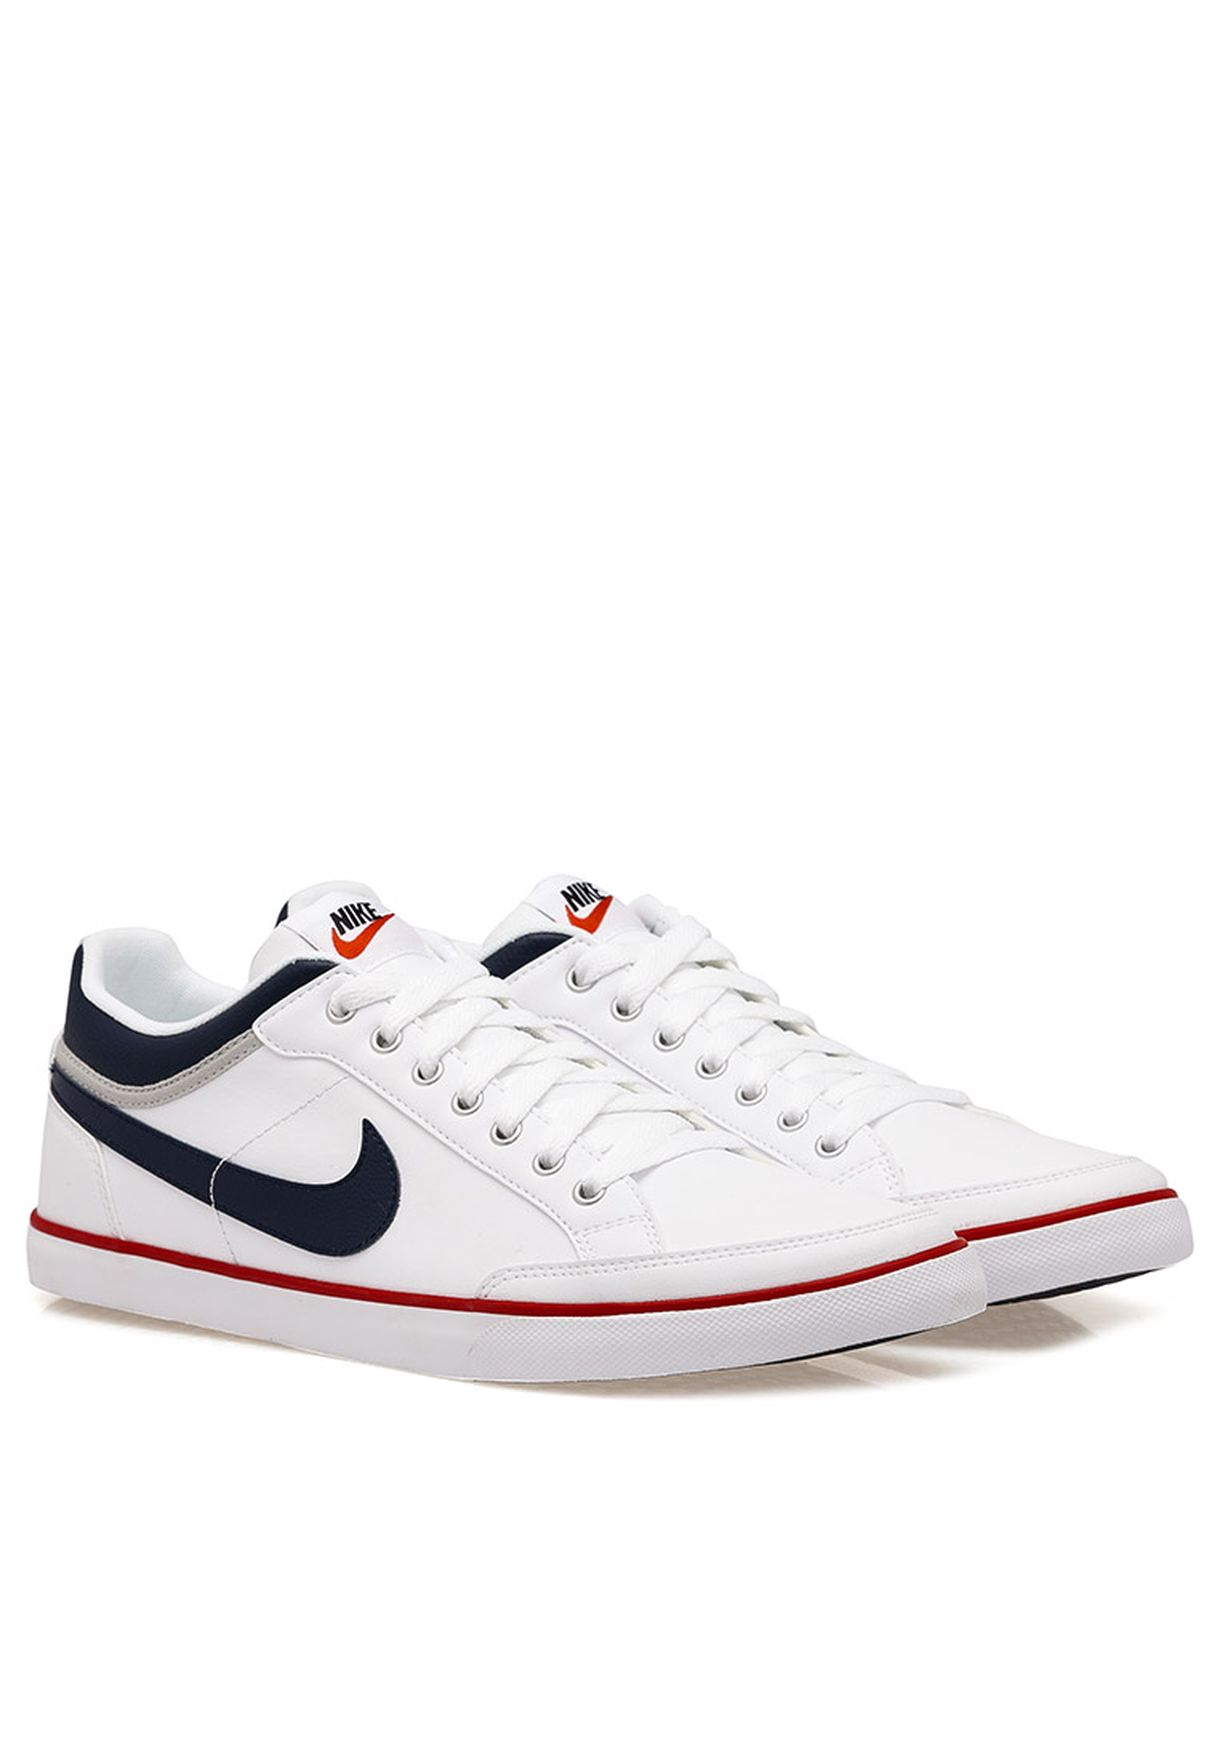 Eslovenia Calor Libro Guinness de récord mundial  Buy Nike white Nike Capri III Sneaker for Men in MENA, Worldwide |  579622-103